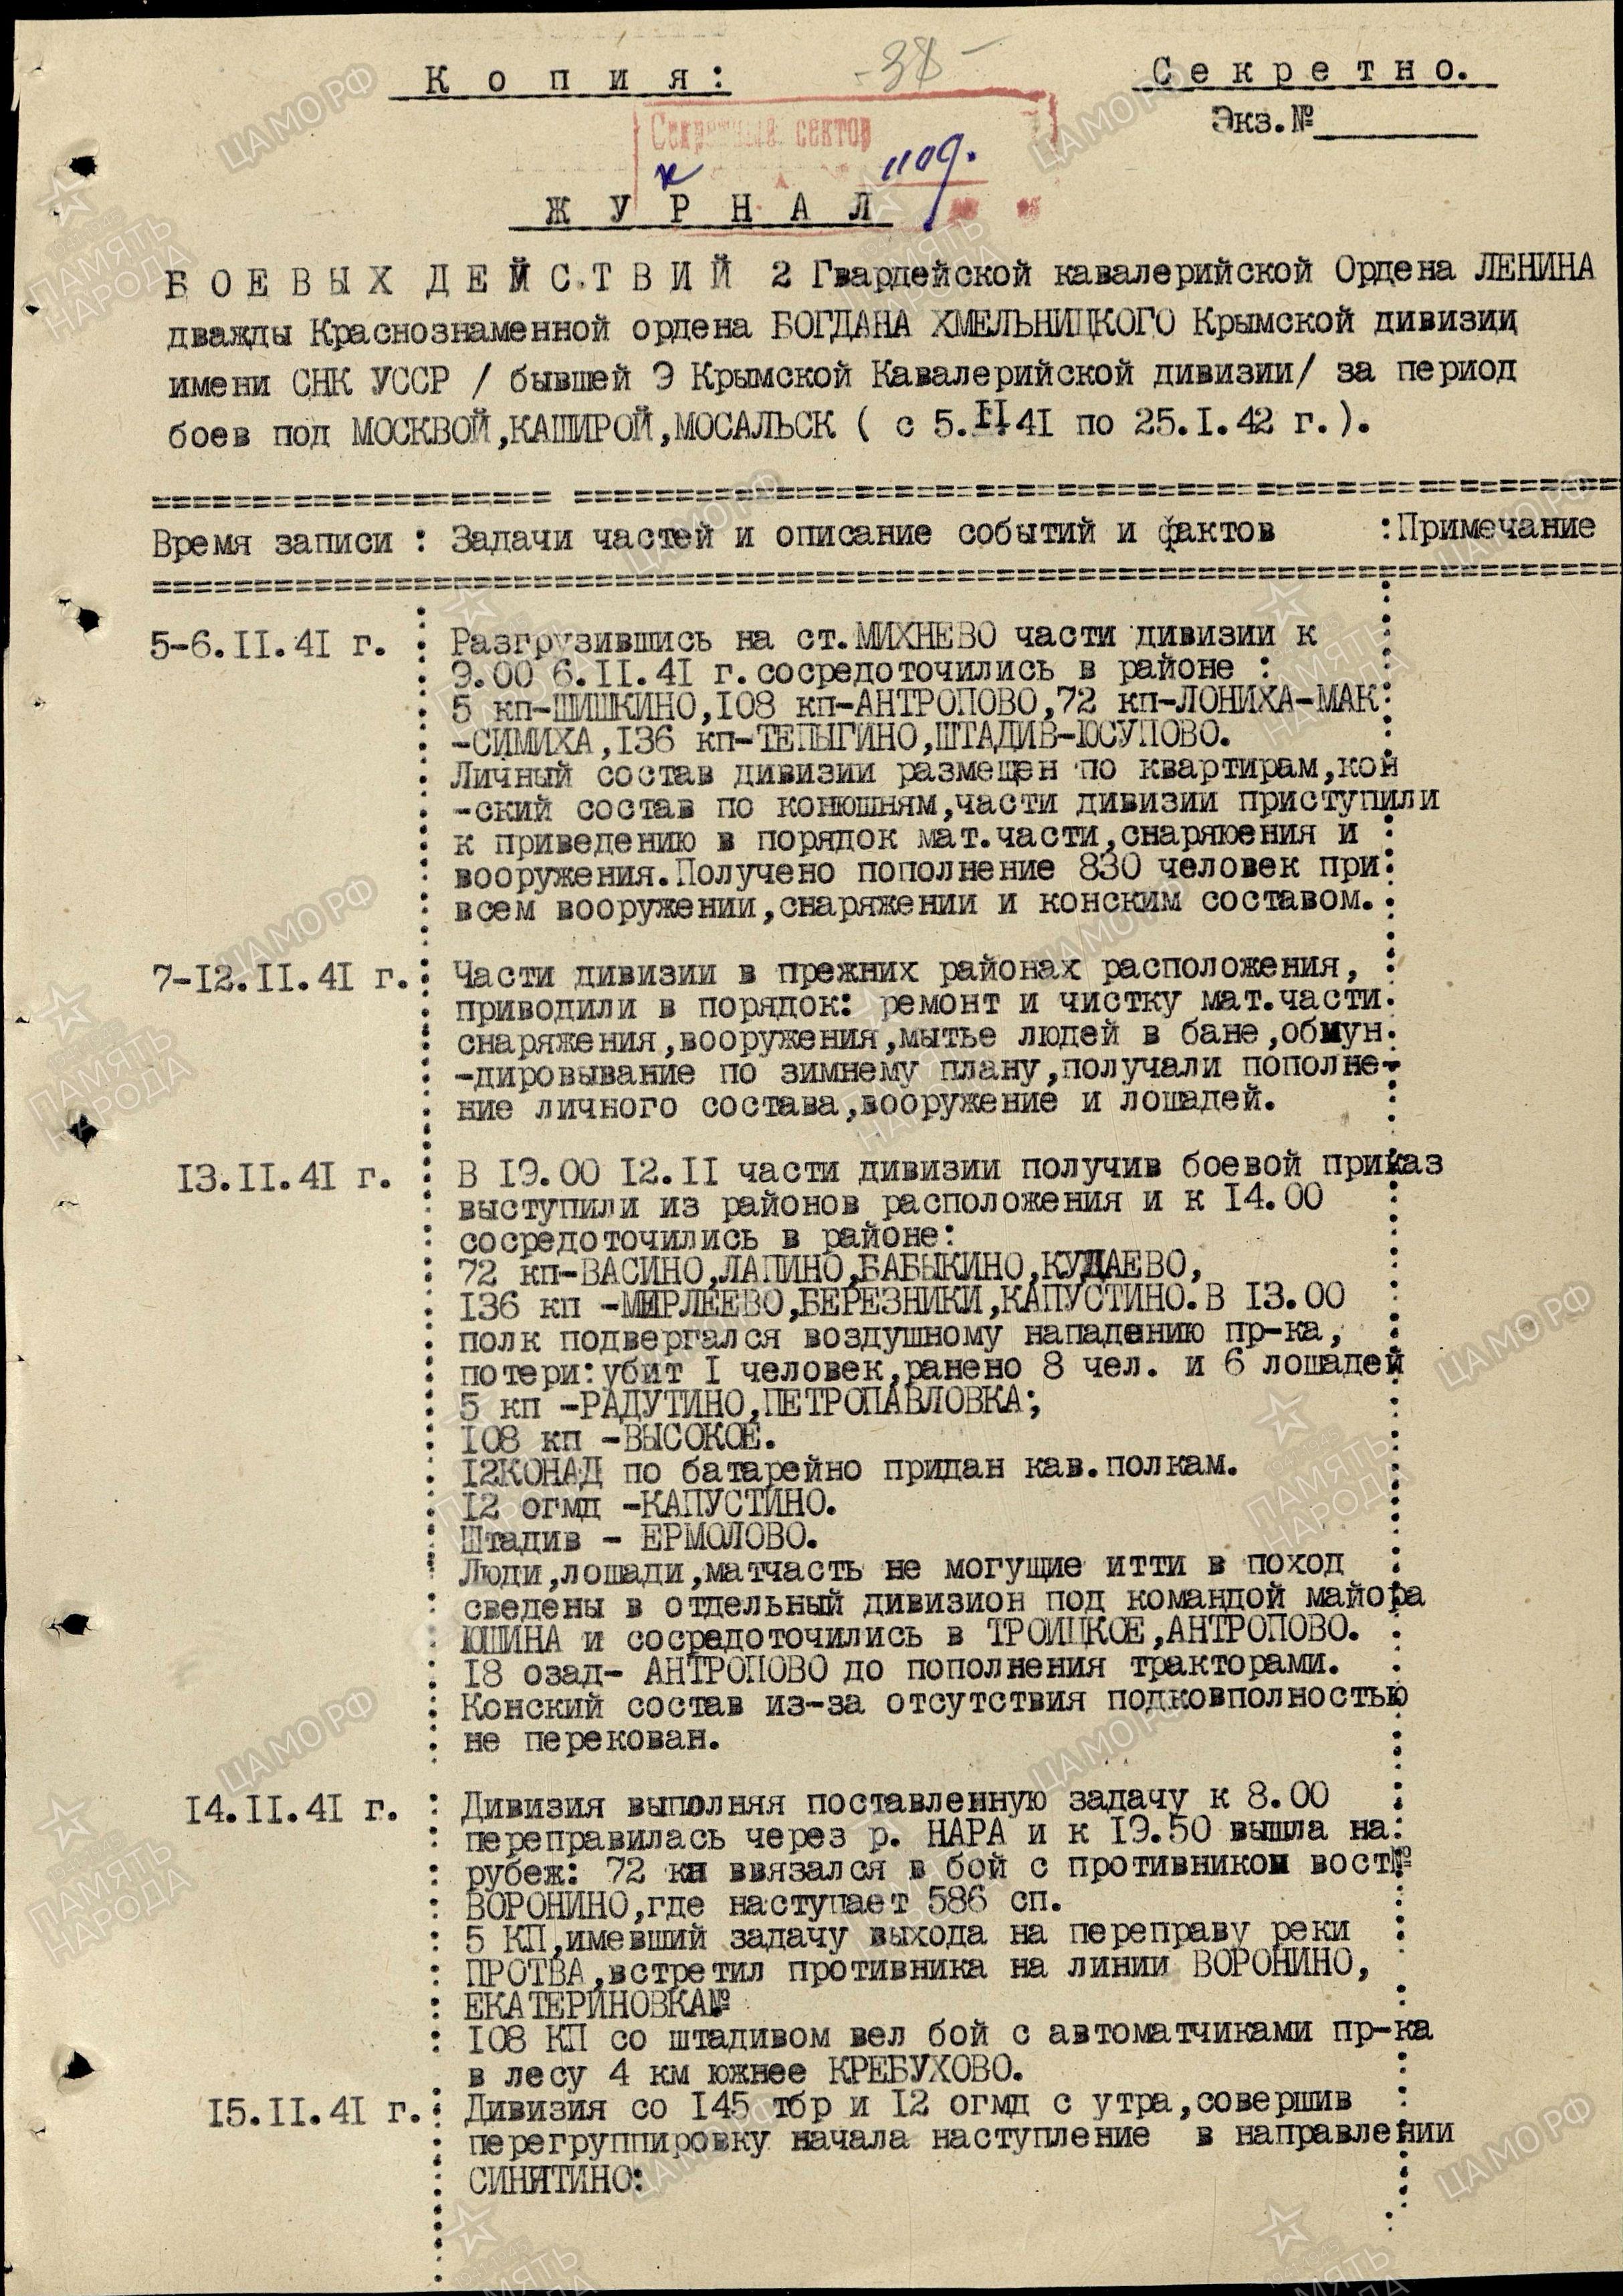 Сформирована в ноябре 1919 на базе конной группы под командованием м ф блинова как кавалерийская дивизия 9-й а